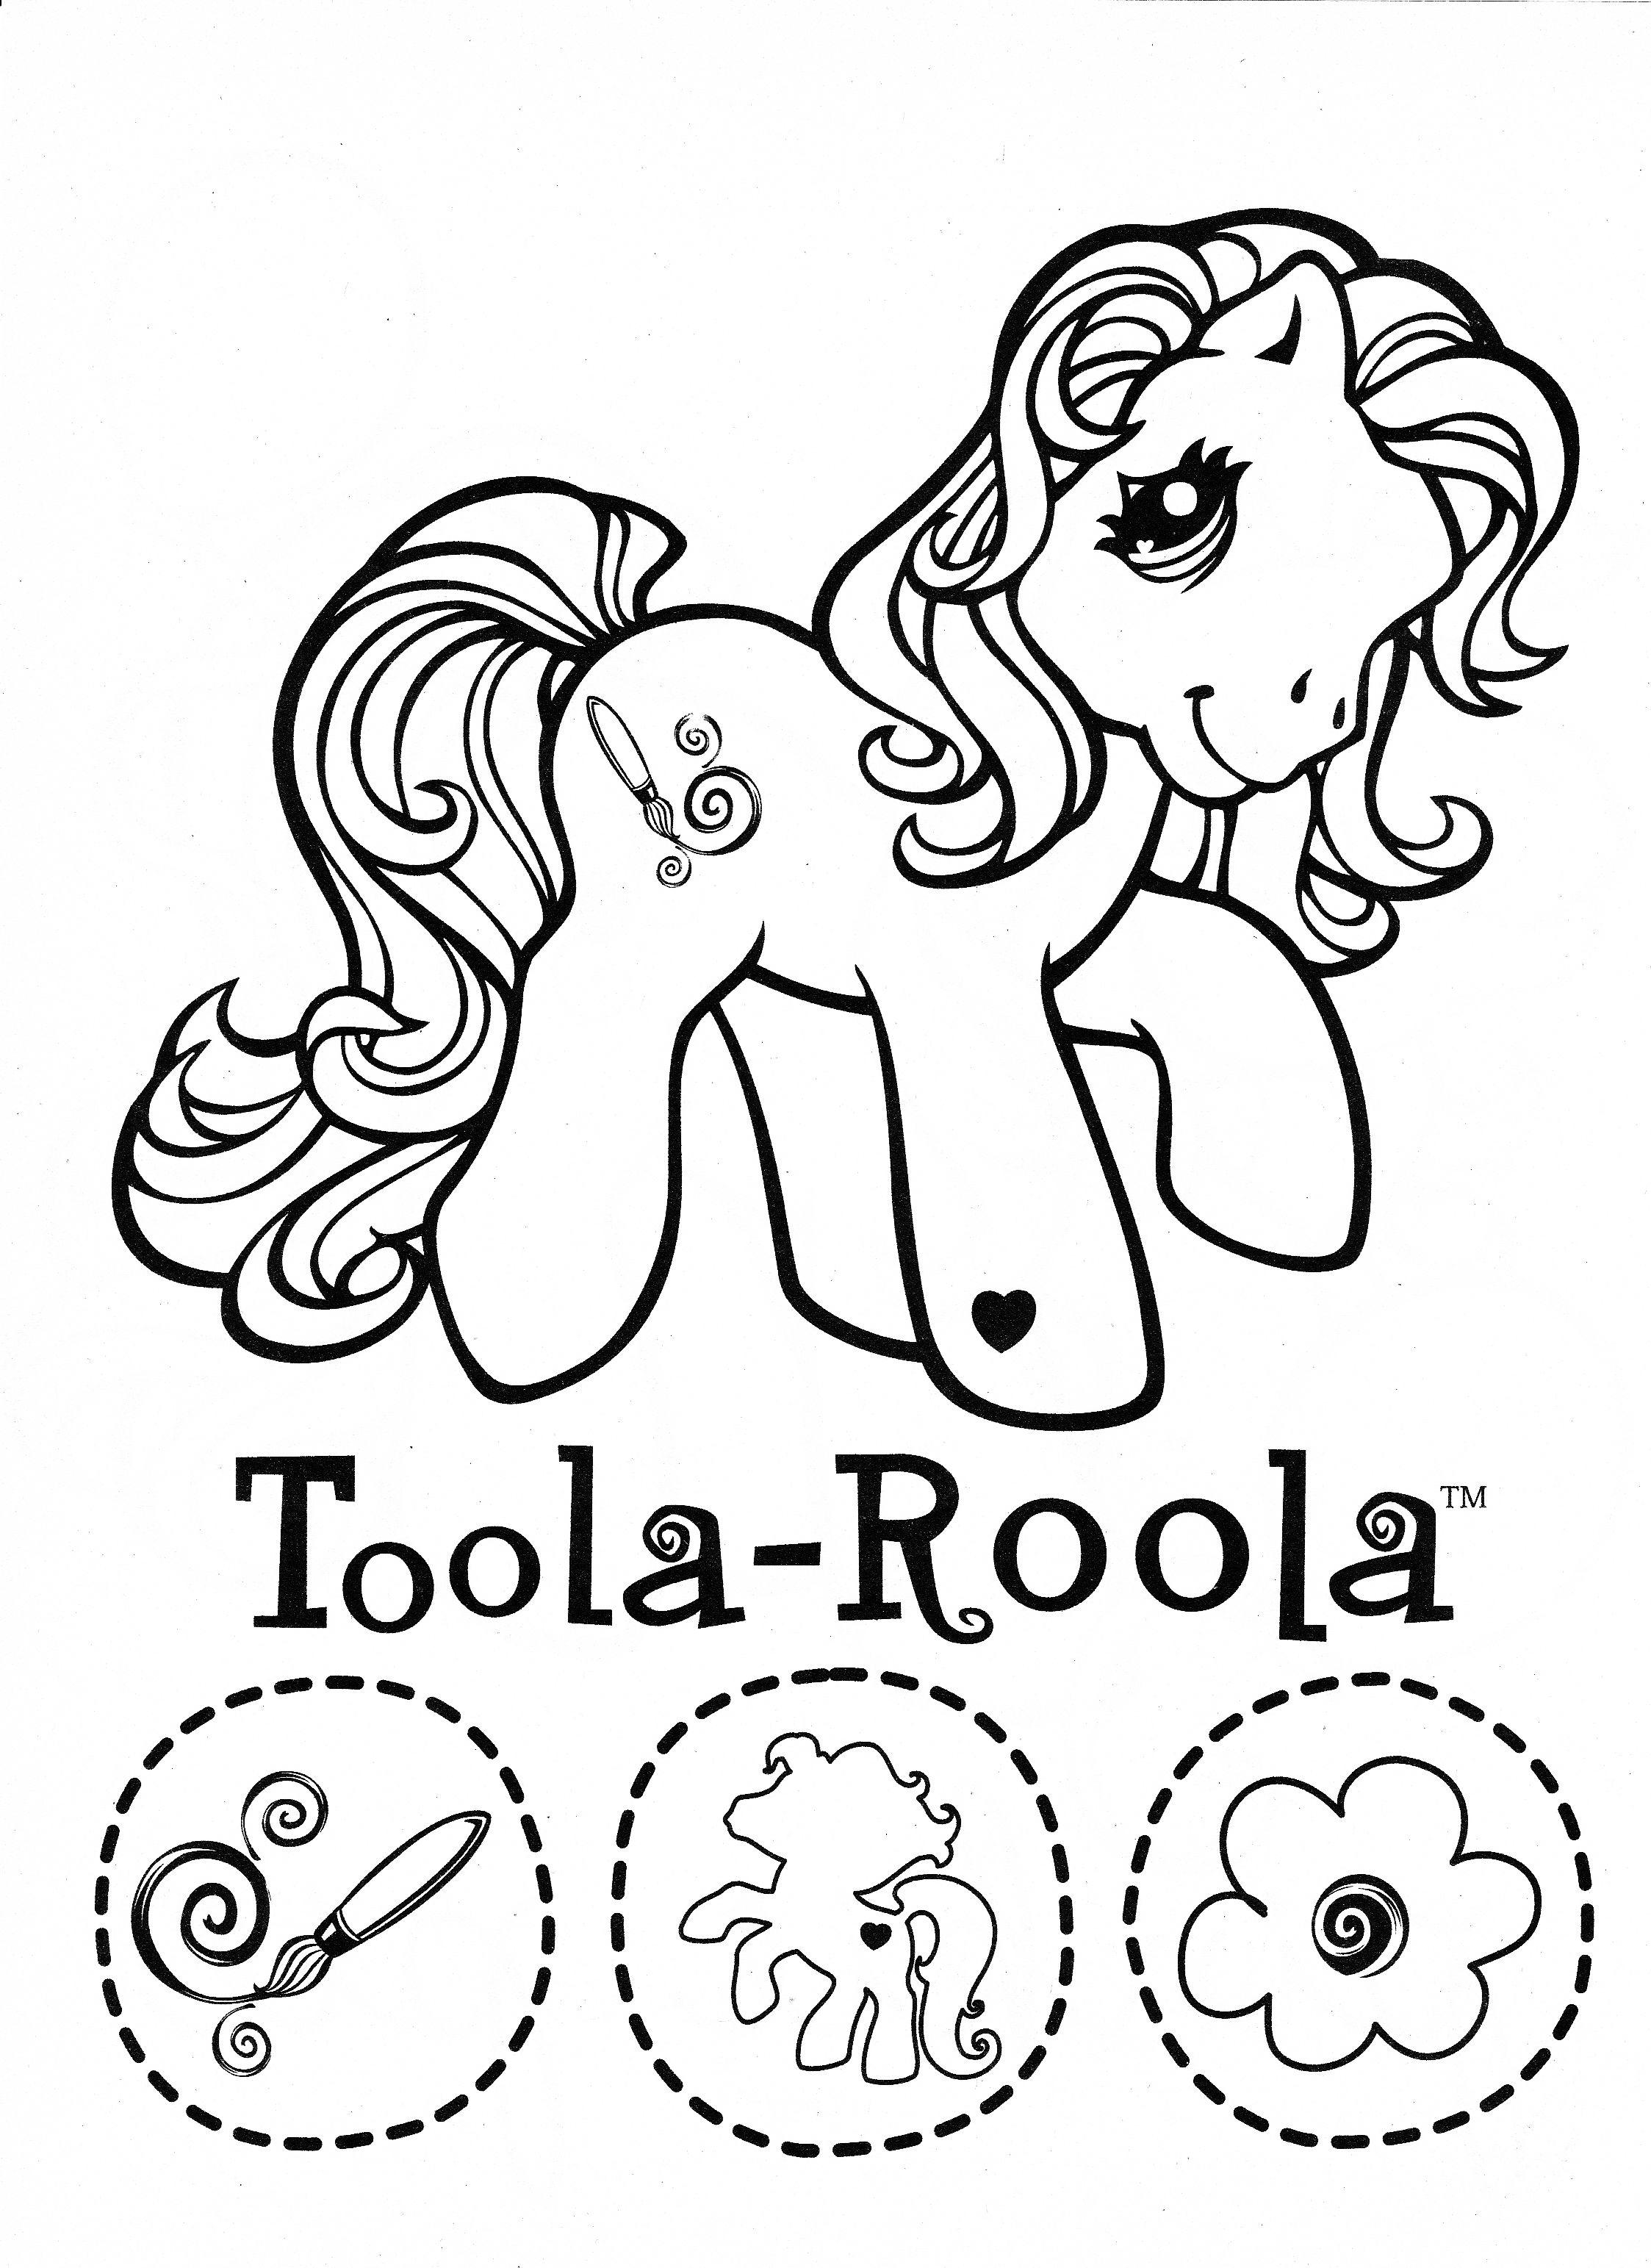 Impressionnant Image à Colorier My Little Pony